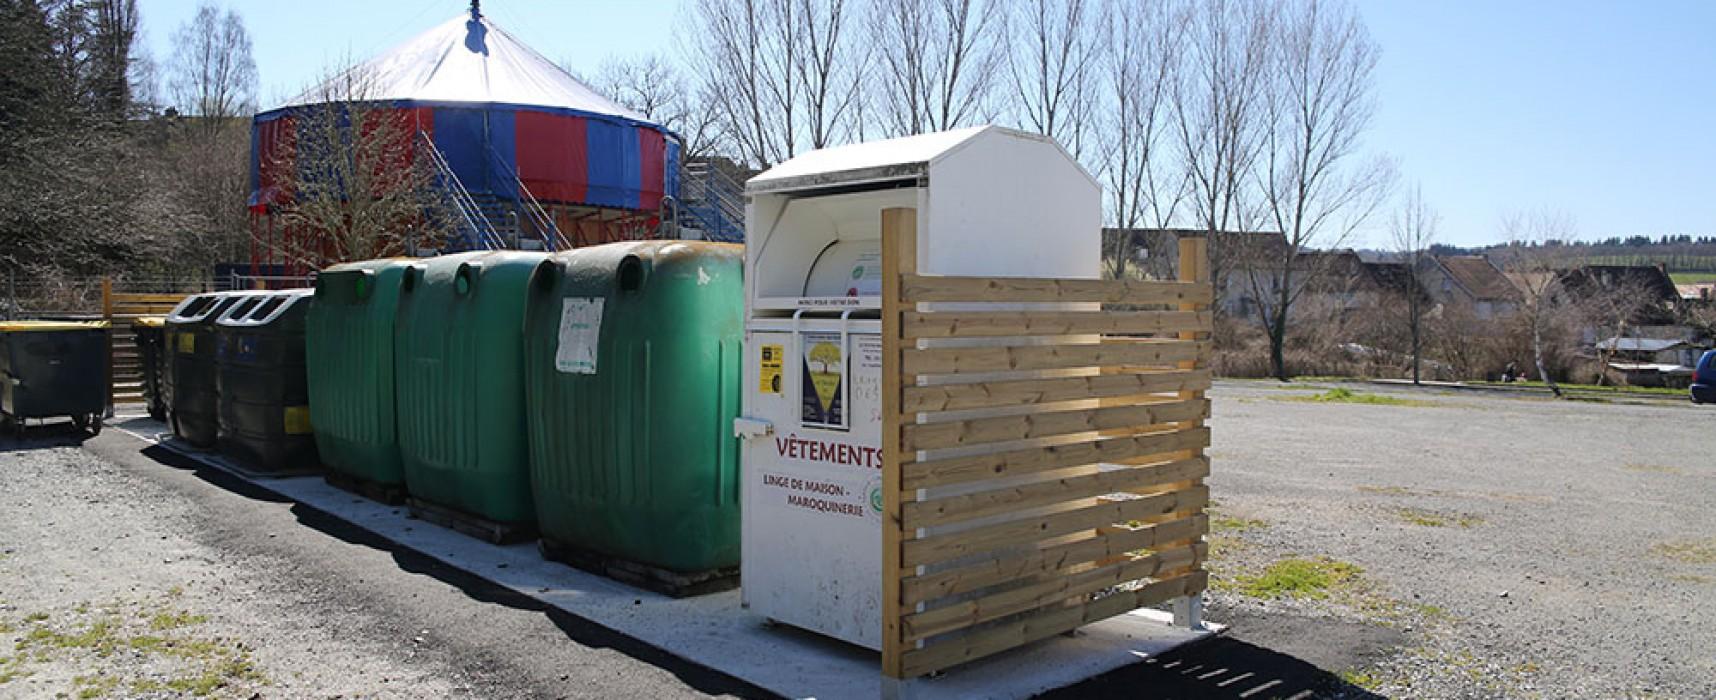 Felletin – Déplacement du point d'apport volontaire de l'aire de service pour camping-car